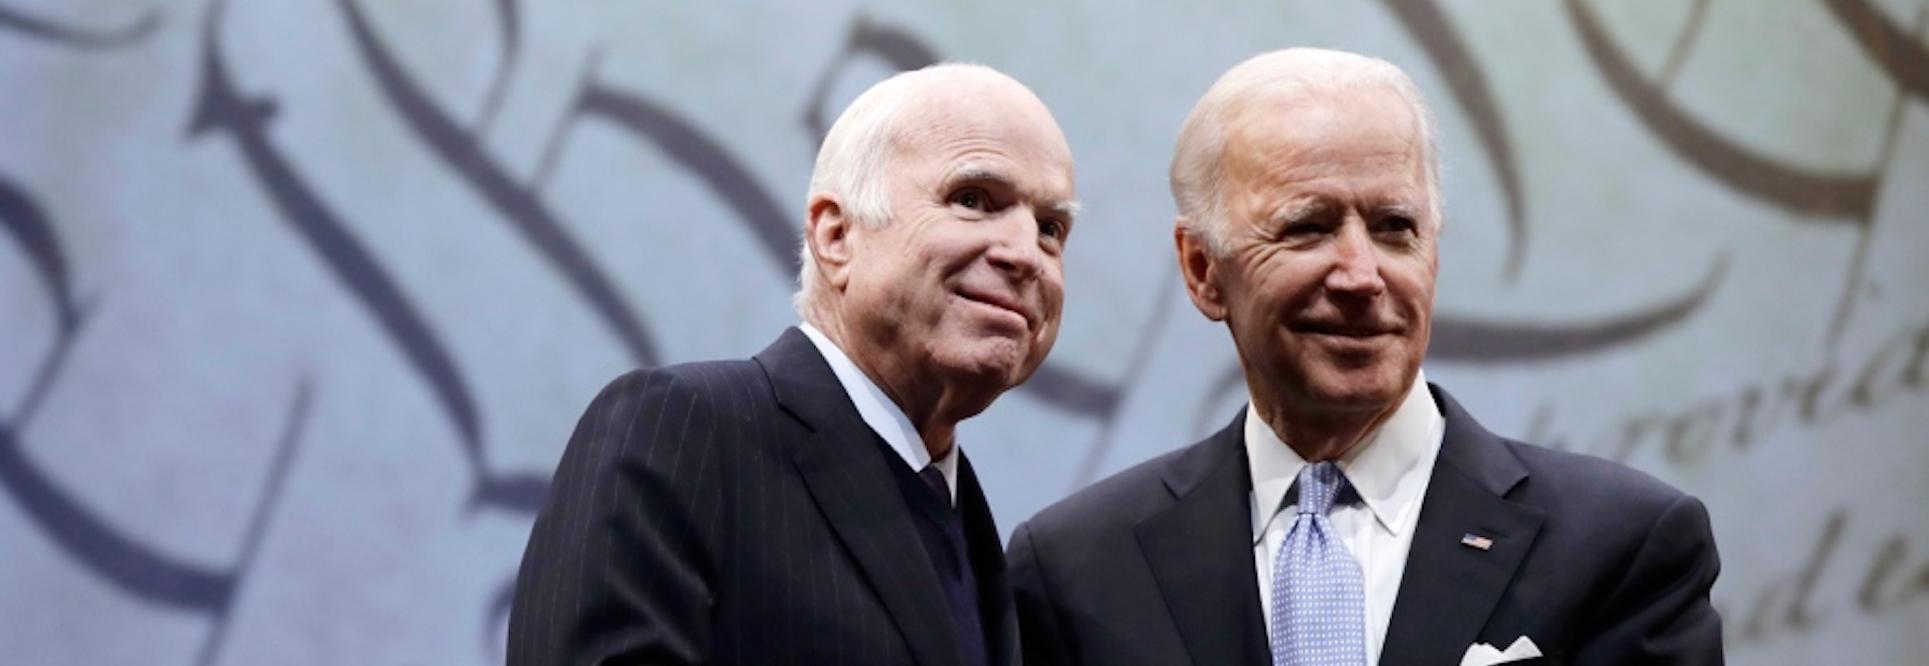 La bofetada Republicana